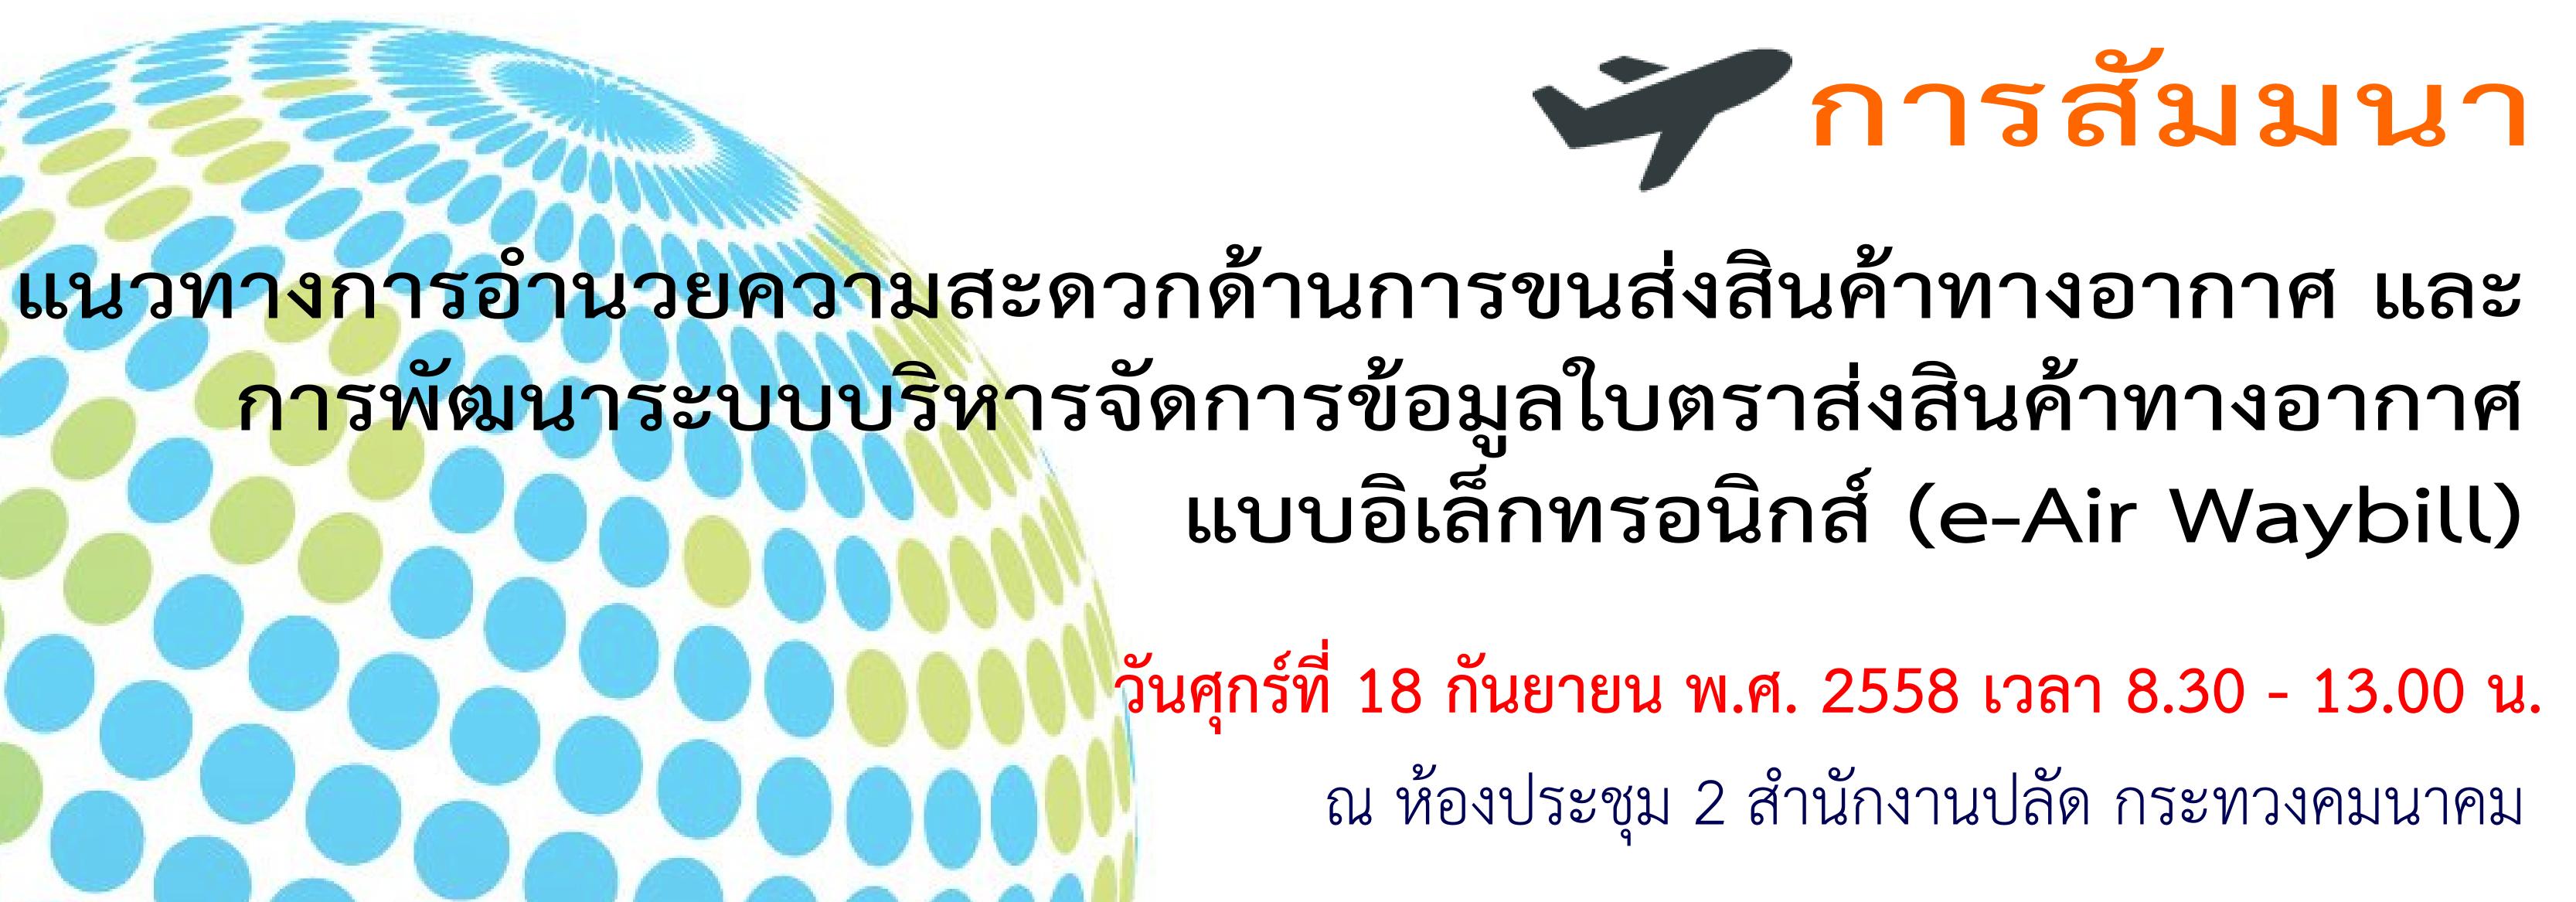 แนวทางการอำนวยความสะดวกด้านการขนส่งสินค้าทางอากาศ และ การ พัฒนาระบบบริหารจัดการข้อมูลใบตราส่งสินค้าทางอากาศแบบอิเล็กทรอนกิส์ (e-Air  Waybill)